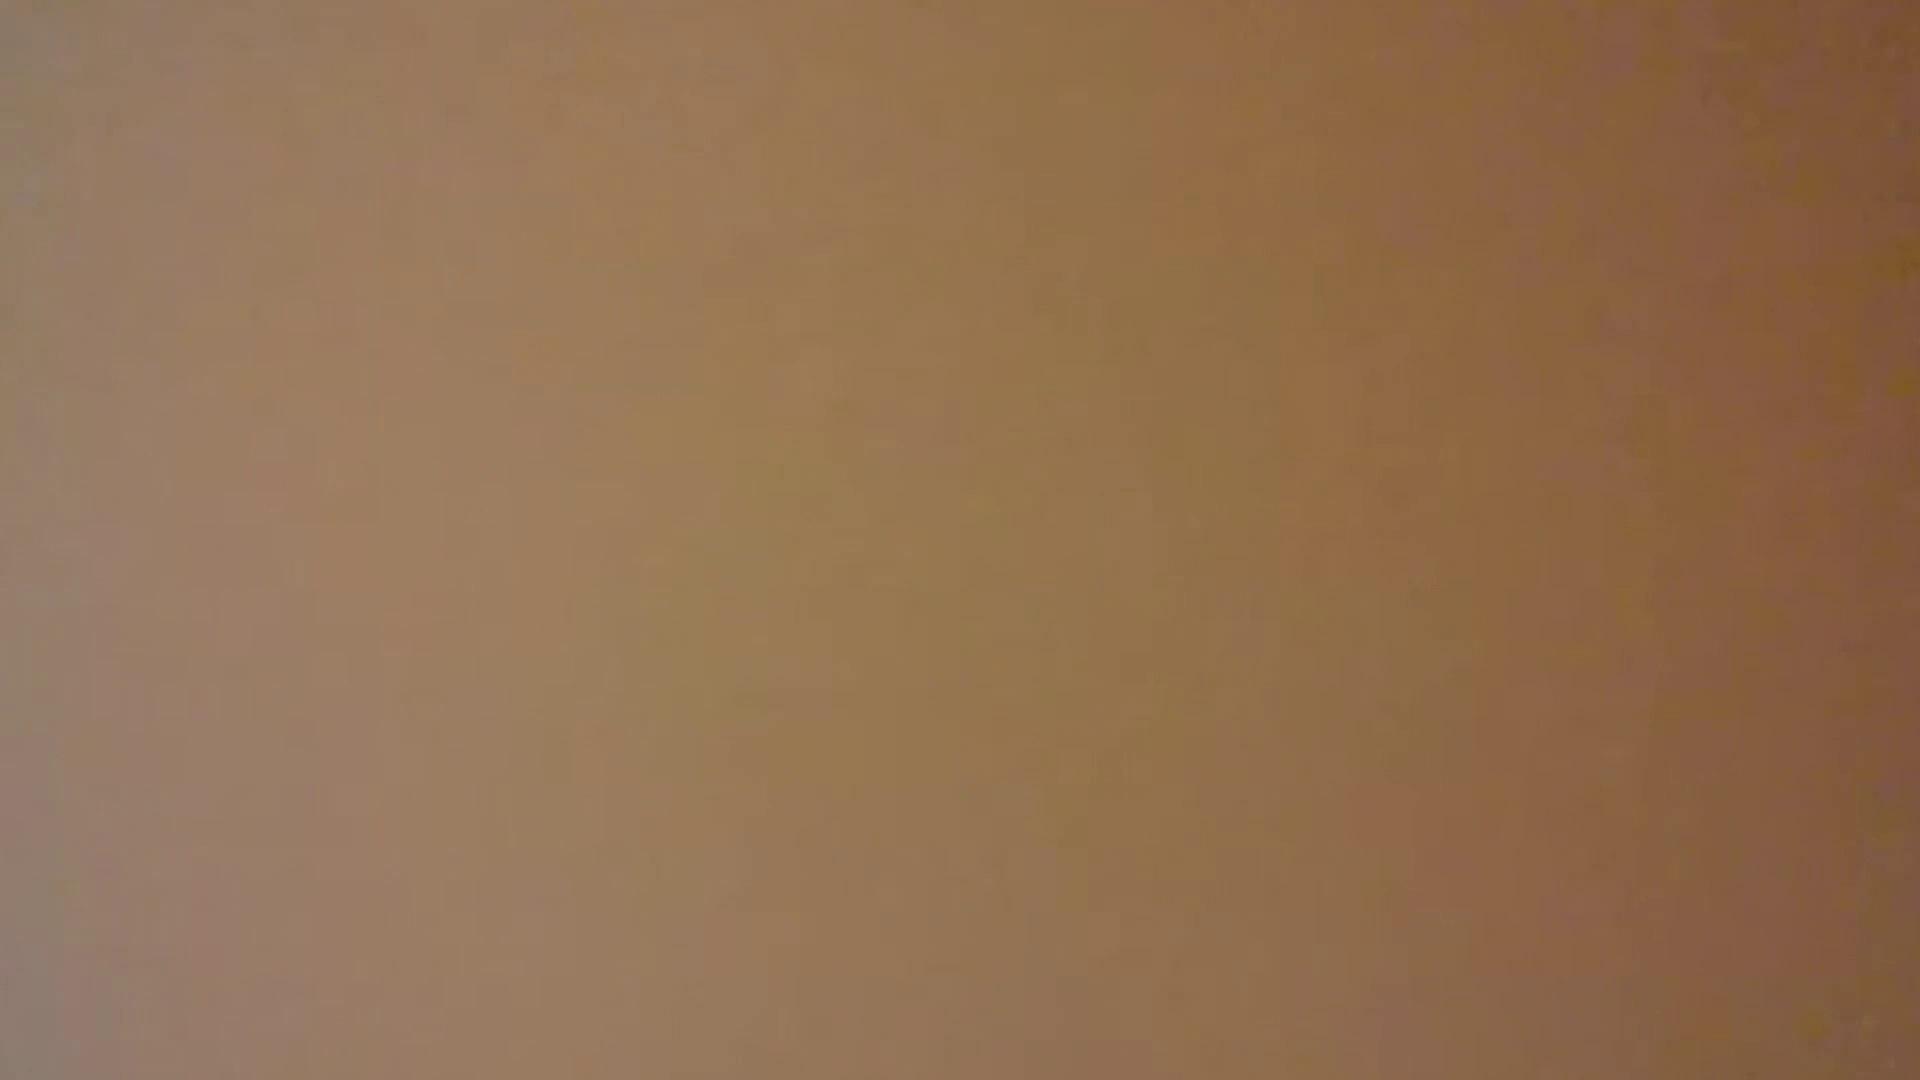 流出マル秘ファイル!ライブオナニーⅡFile.08 ボーイズ私服   ノンケボーイズ  71pic 33